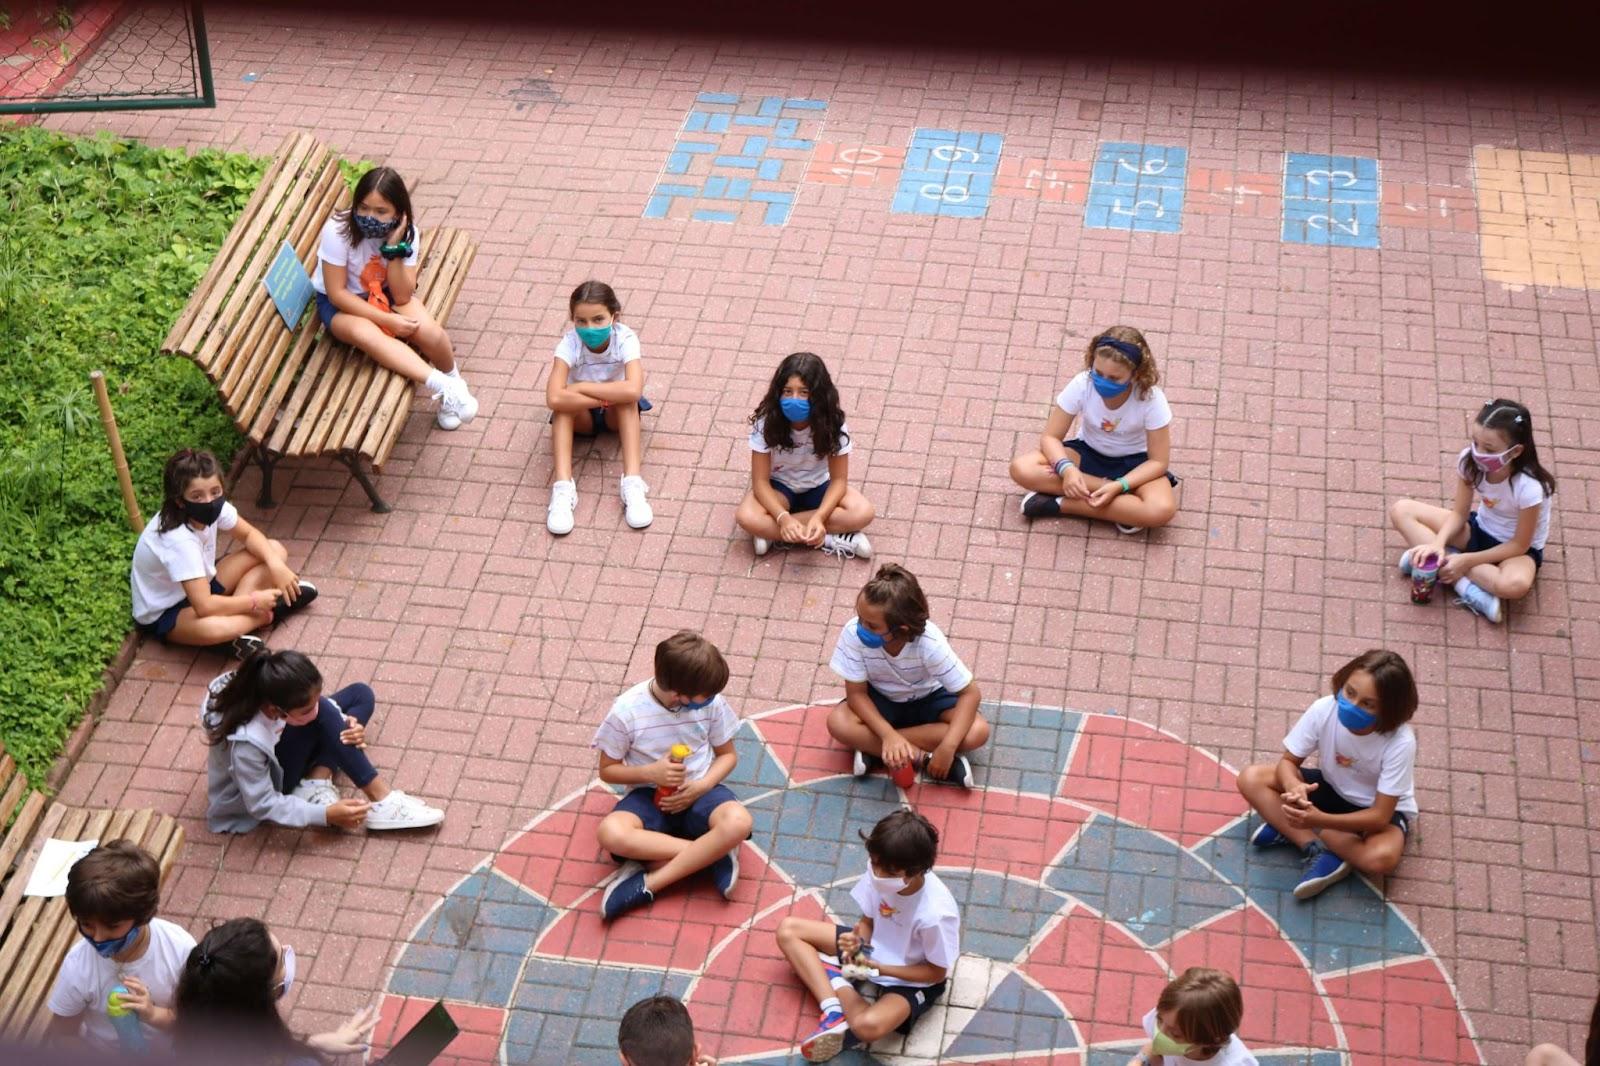 A imagem mostra um grupo de criança sentadas em um chão de tijolos vermelhos.